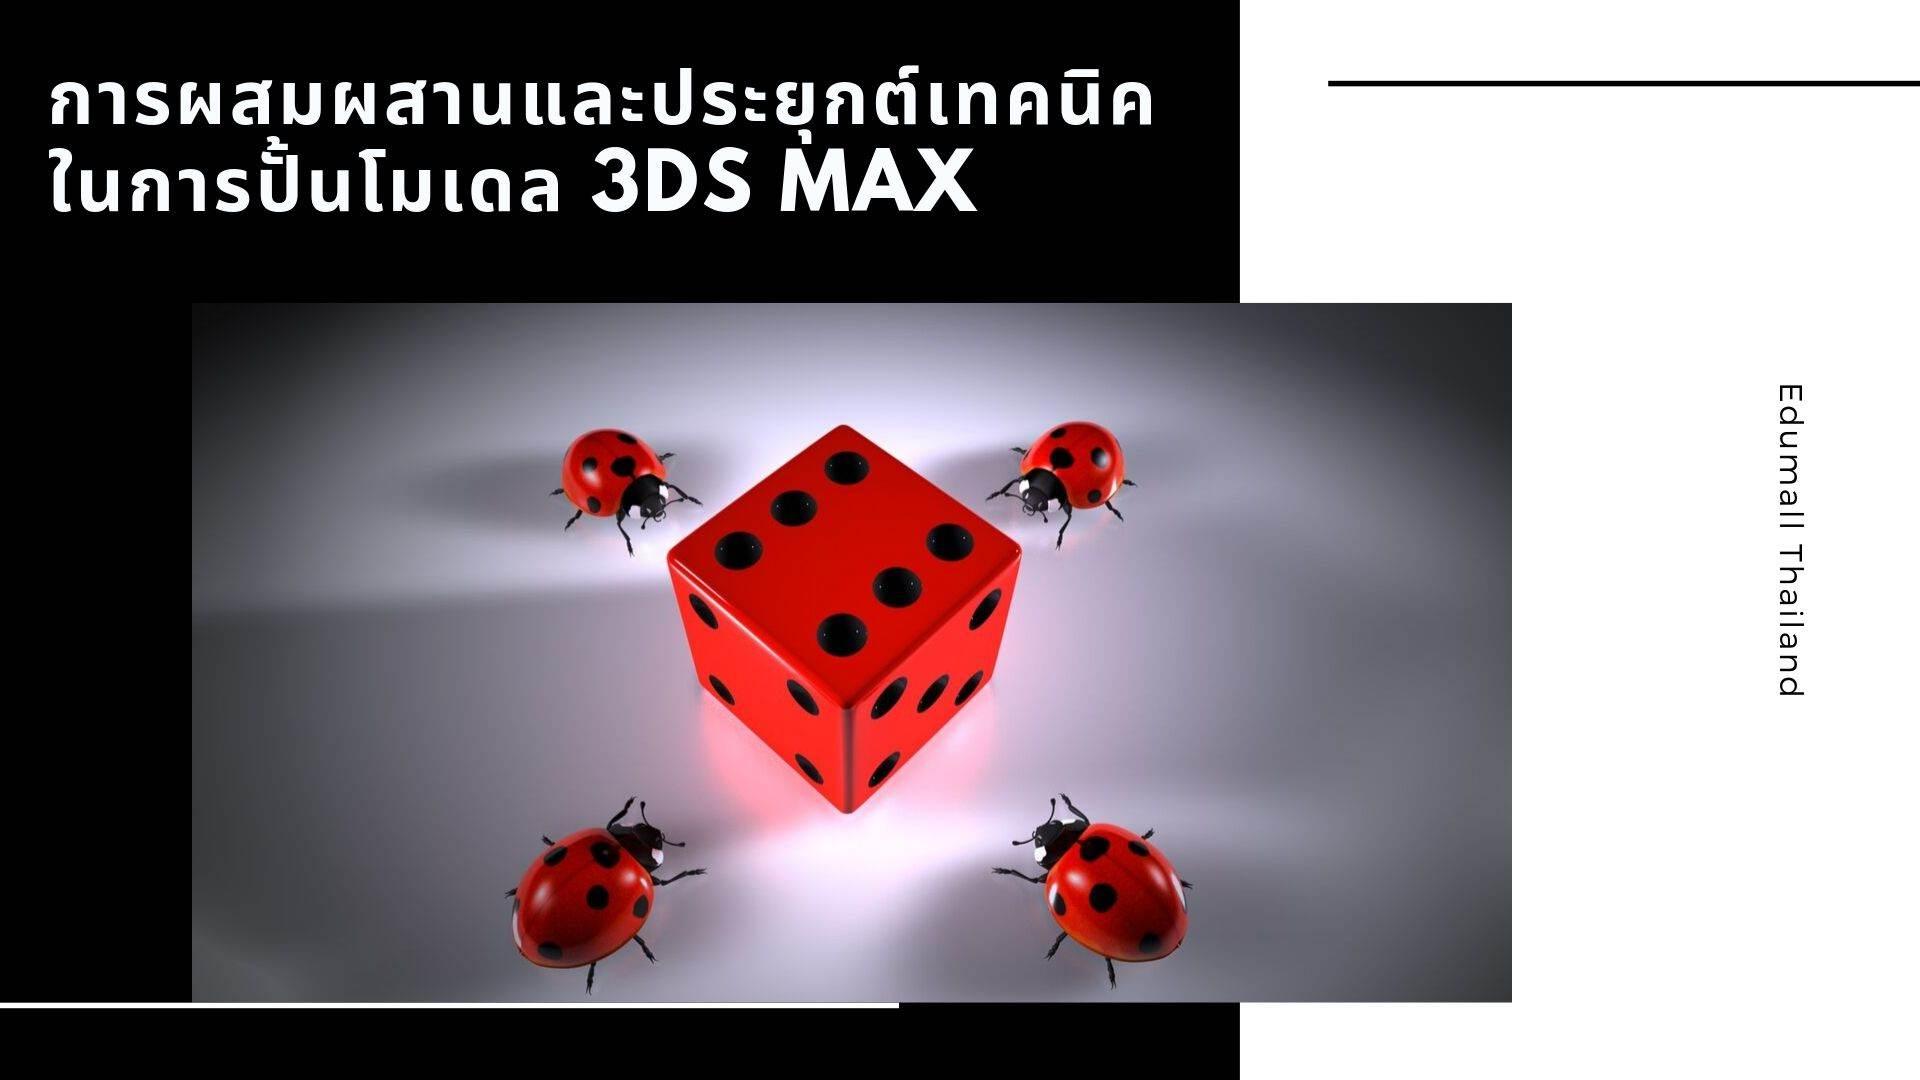 การผสมผสานและประยุกต์เทคนิคต่างๆ ในการปั้นโมเดล 3Ds Max